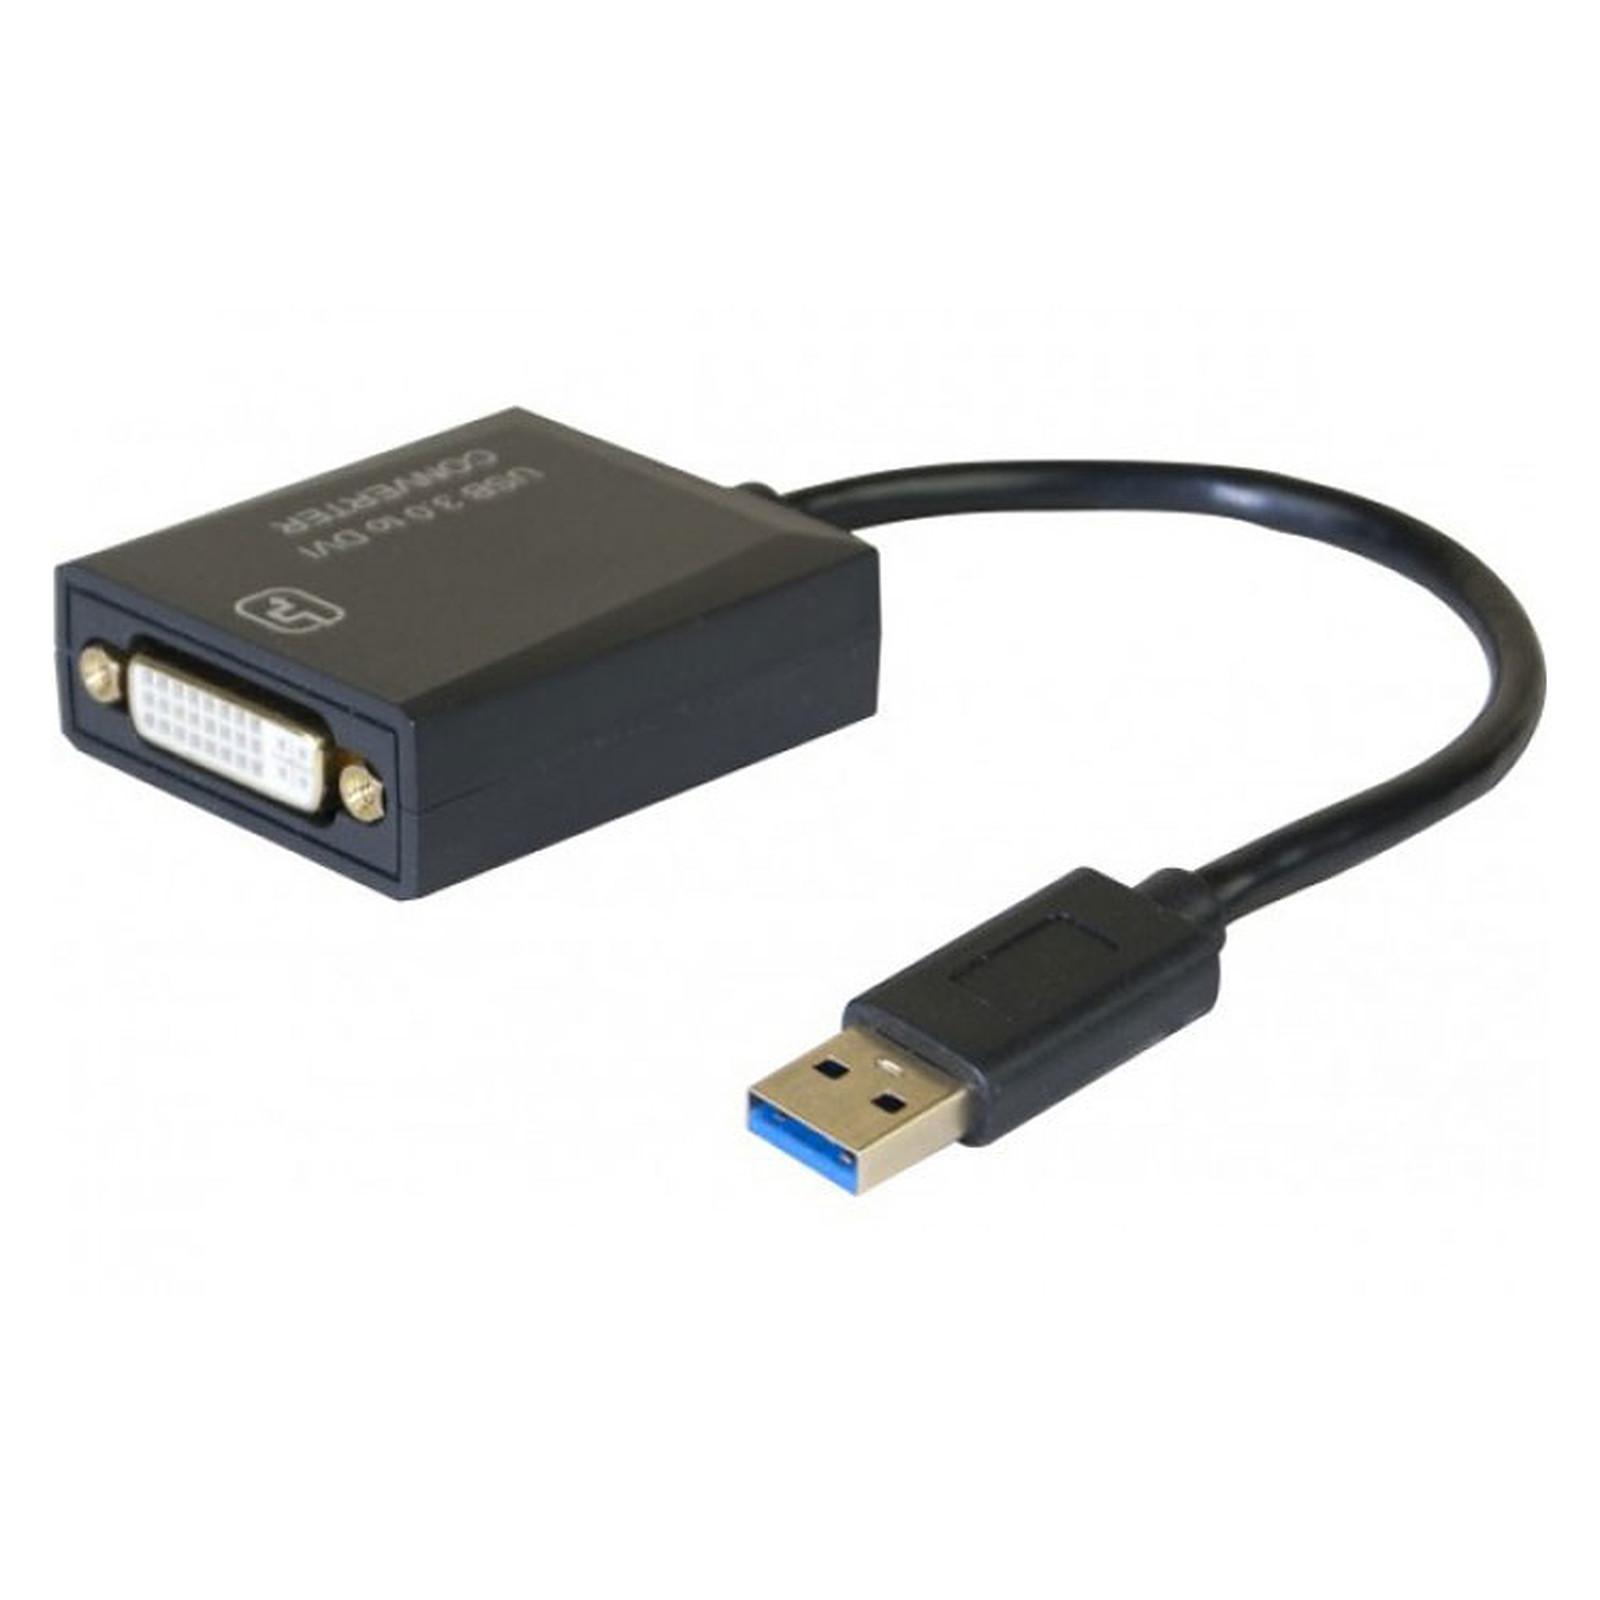 Adaptateur DVI-I sur USB 3.0